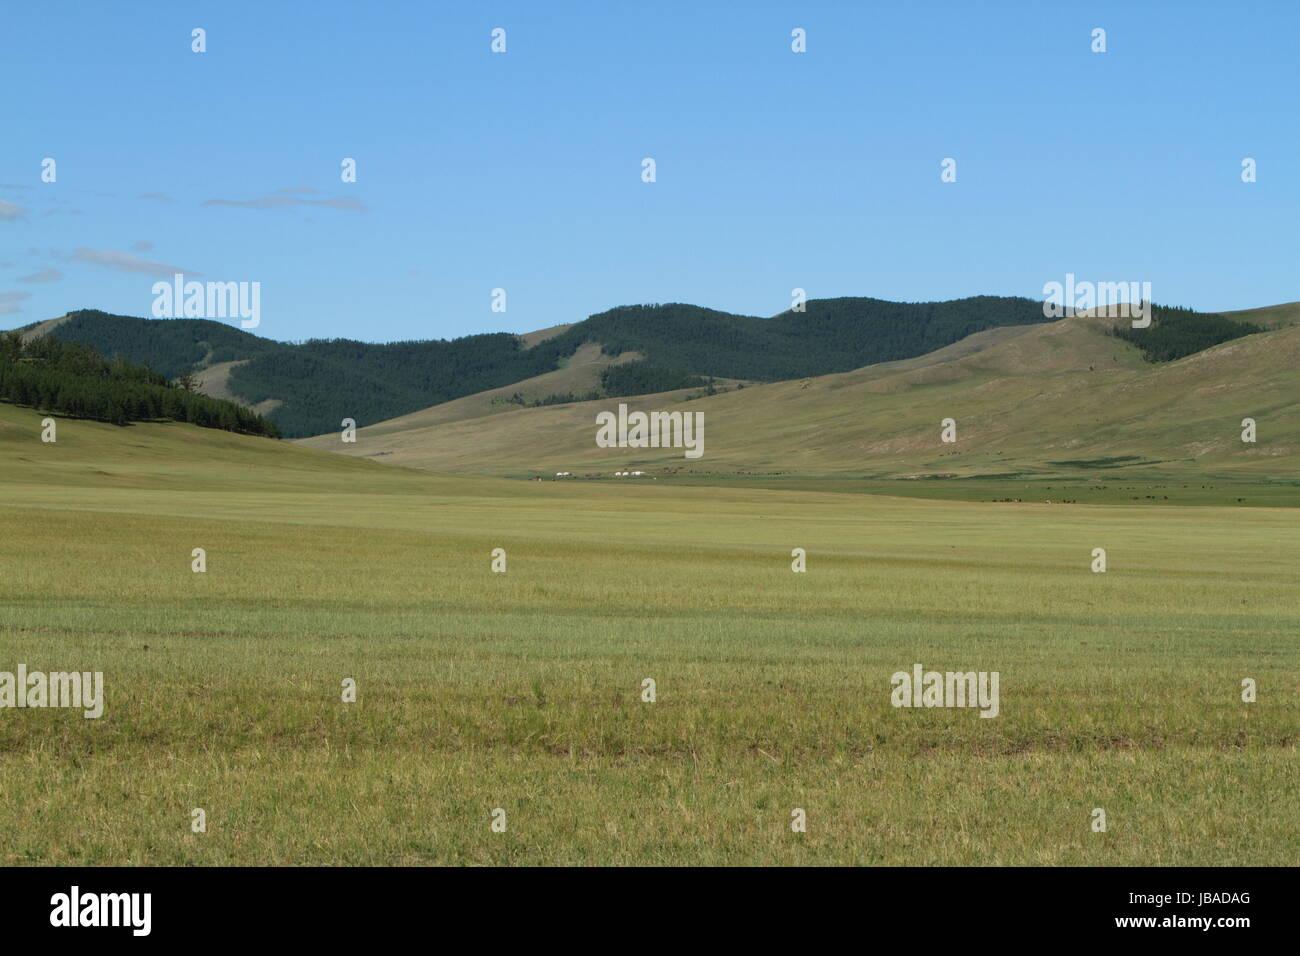 width mongolia - Stock Image